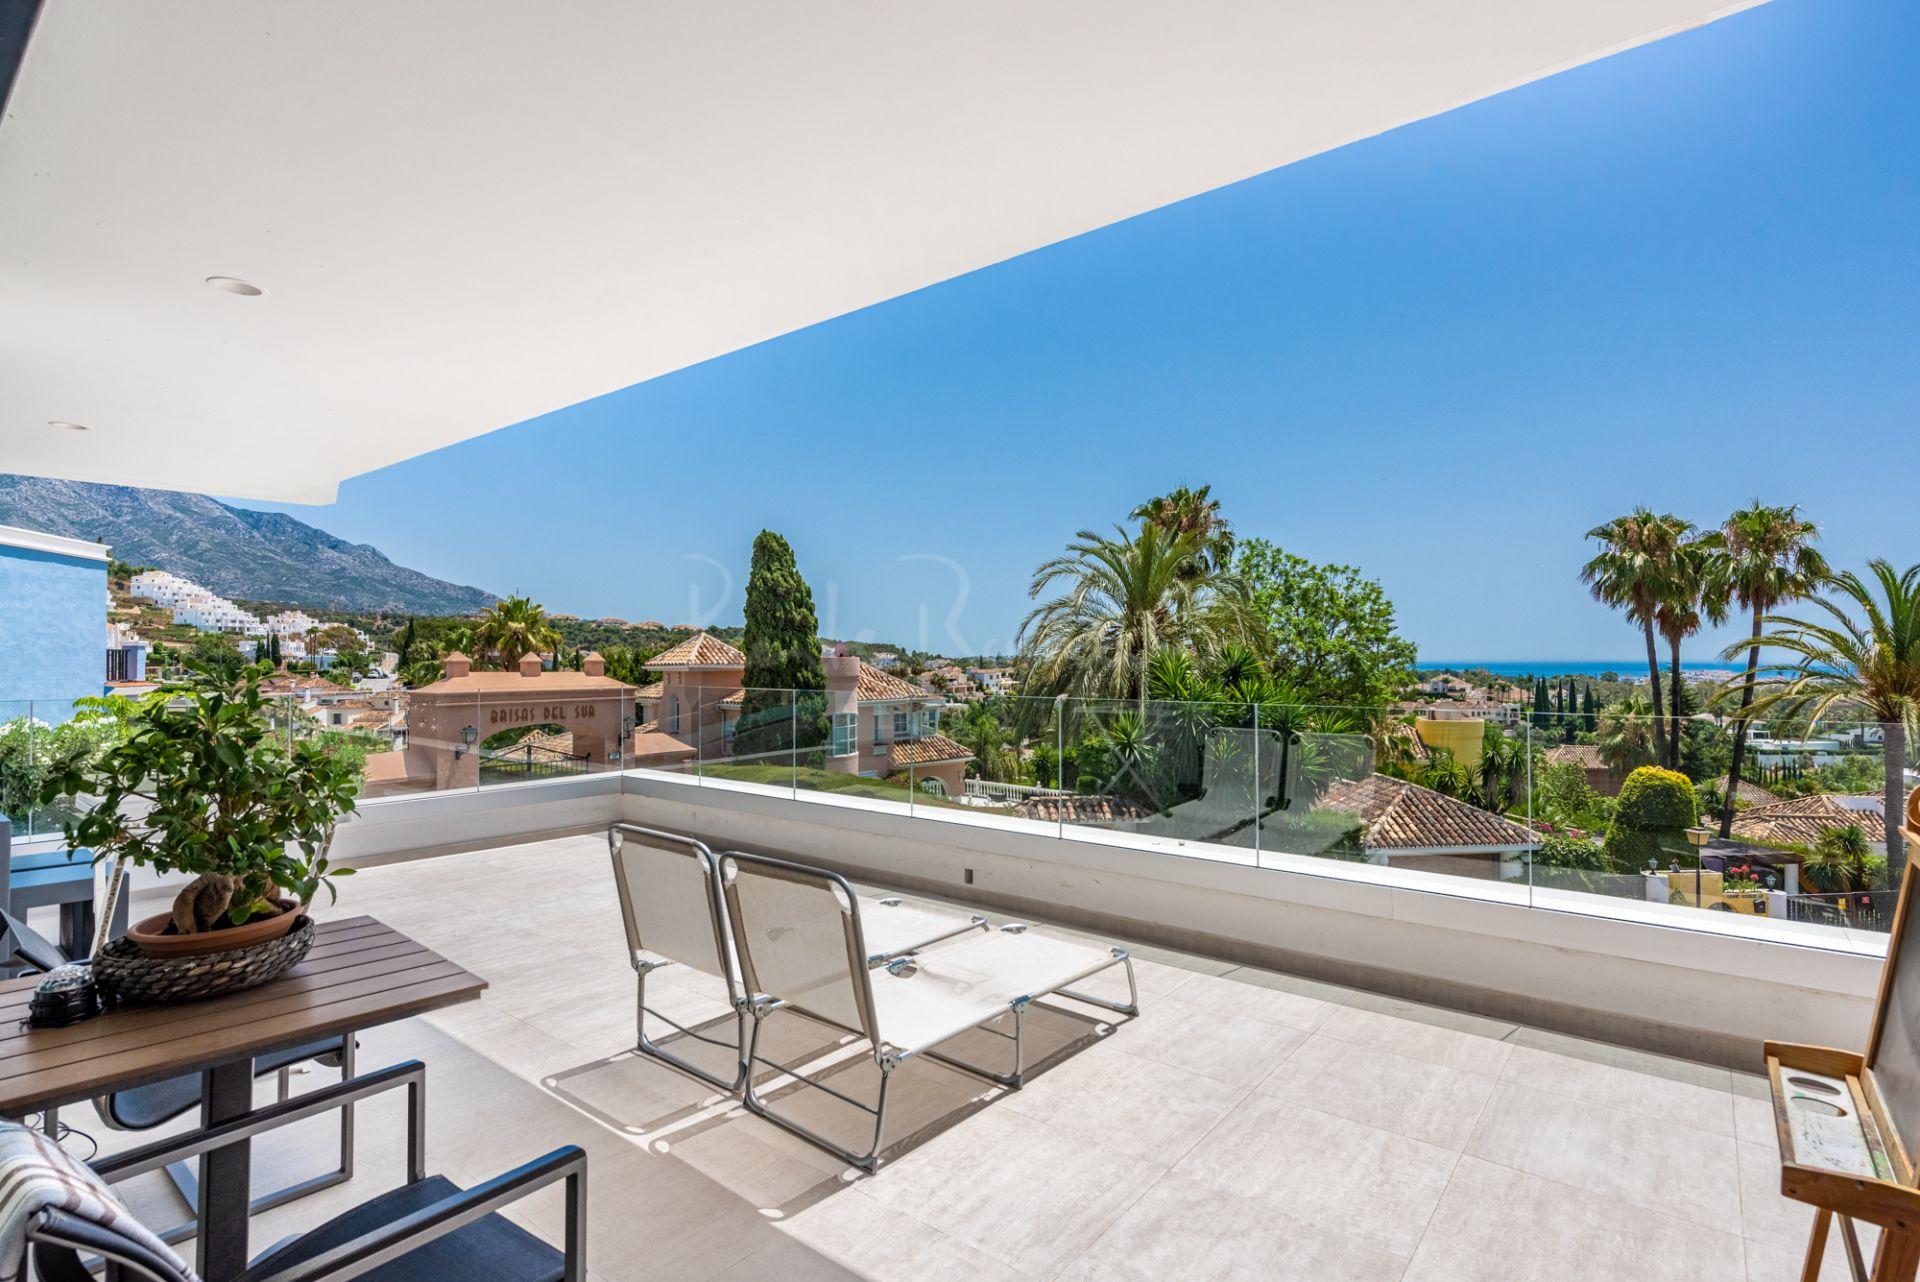 Apartment in Azahar de Marbella, Marbella